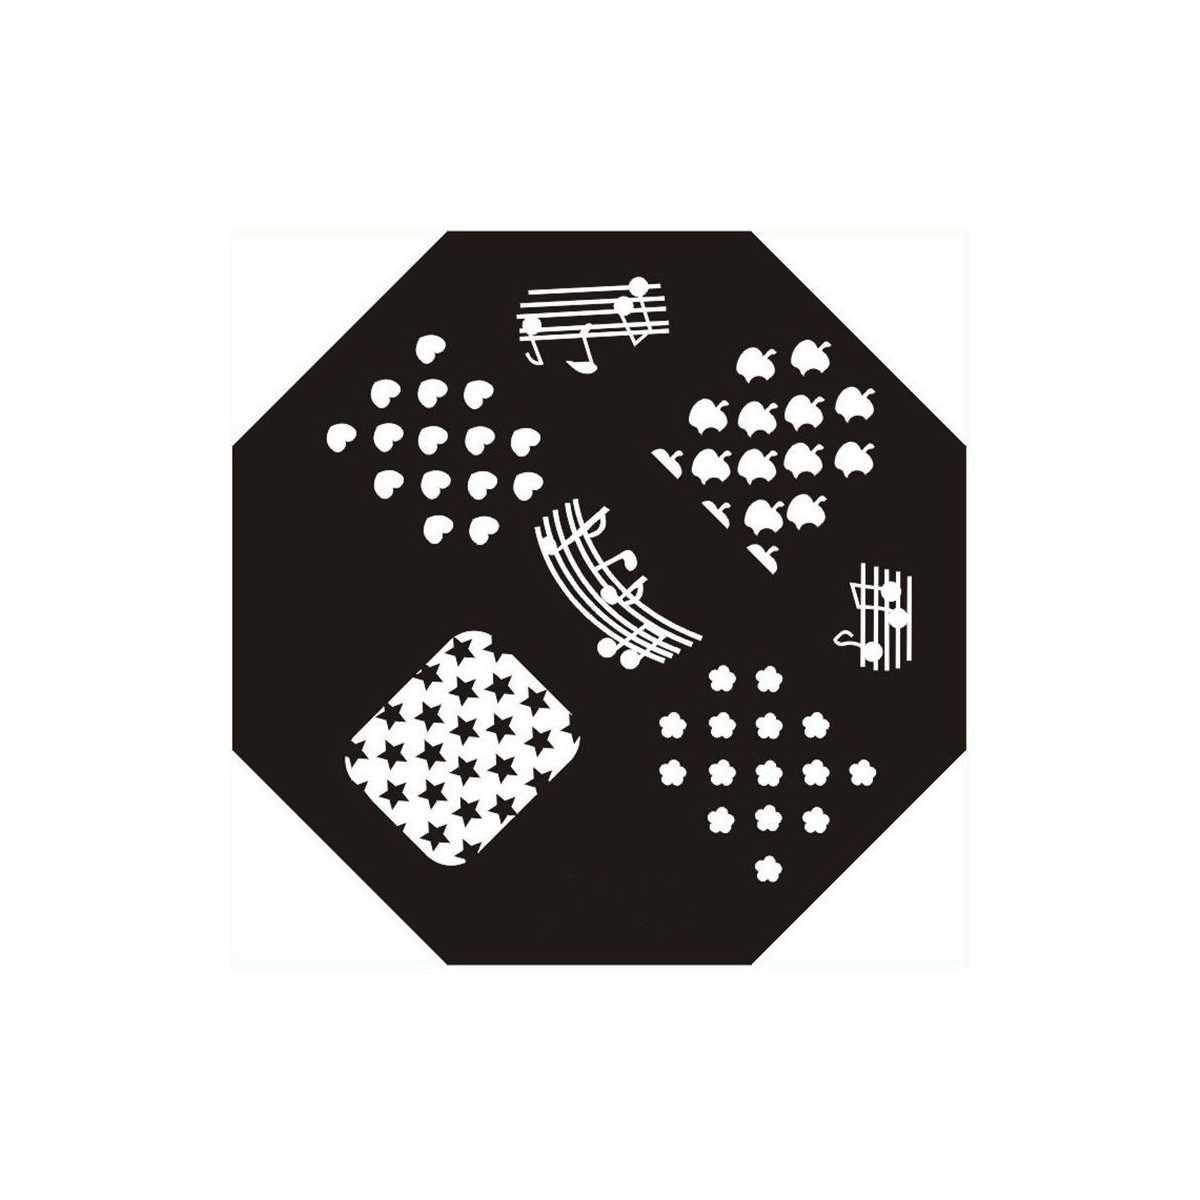 https://www.kit-manucure.com/621-thickbox_default/plaque-de-stamping-notes-de-musique-etoile-coeur-et-pomme.jpg